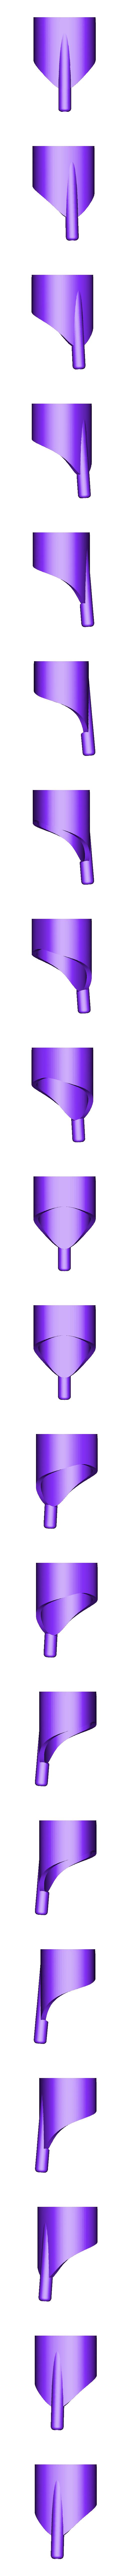 thimble5_part_1.stl Télécharger fichier STL gratuit Kara Kesh (arme de poing goa'uld) • Plan pour imprimante 3D, poblocki1982